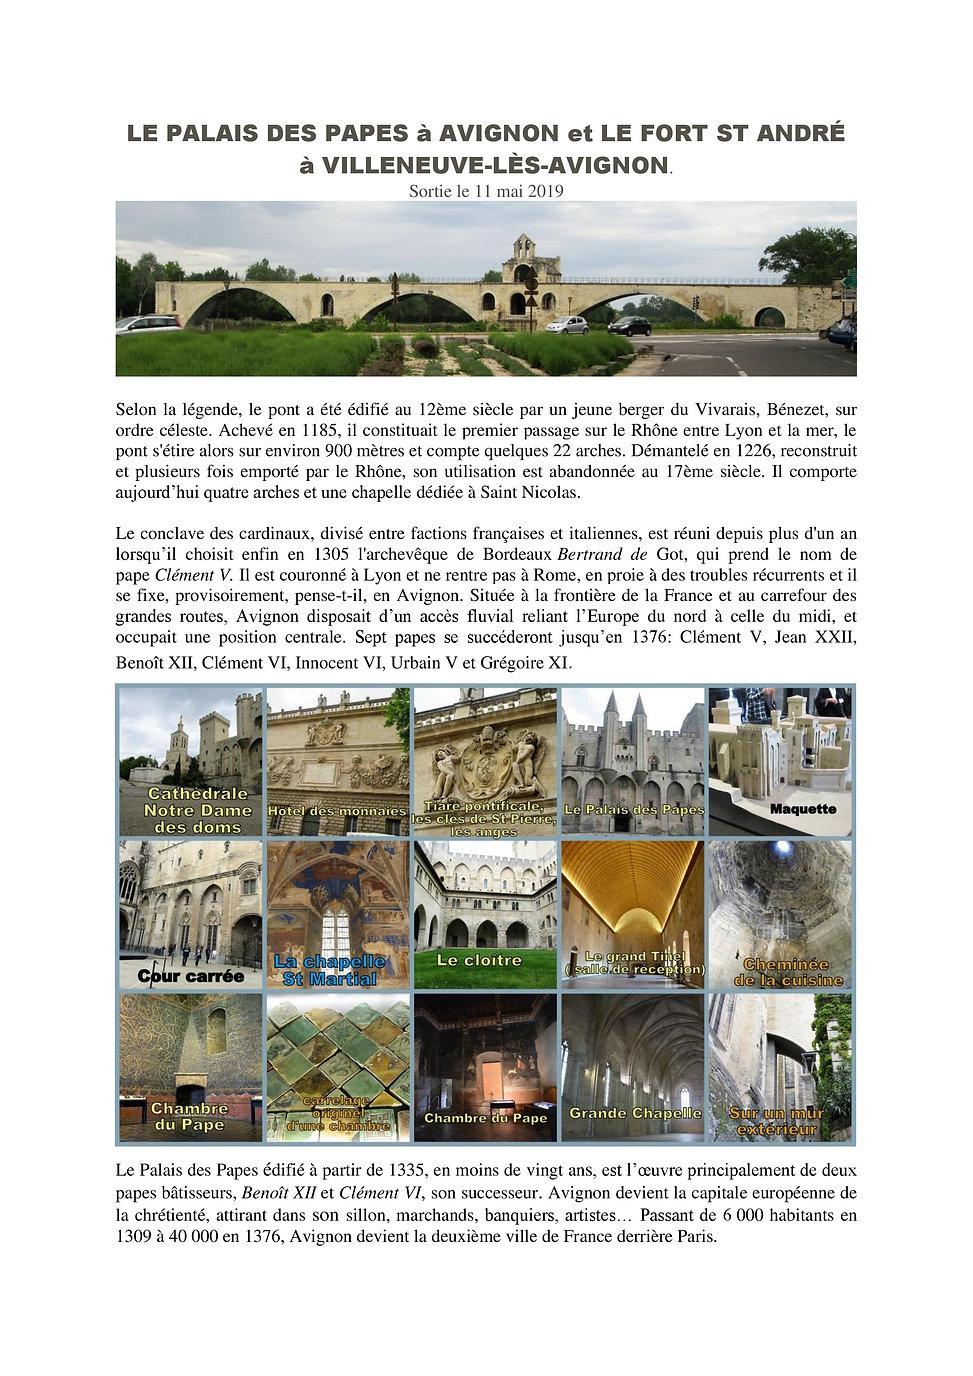 Palais_des_Papes_à_Avignon_et_le_Fort_St